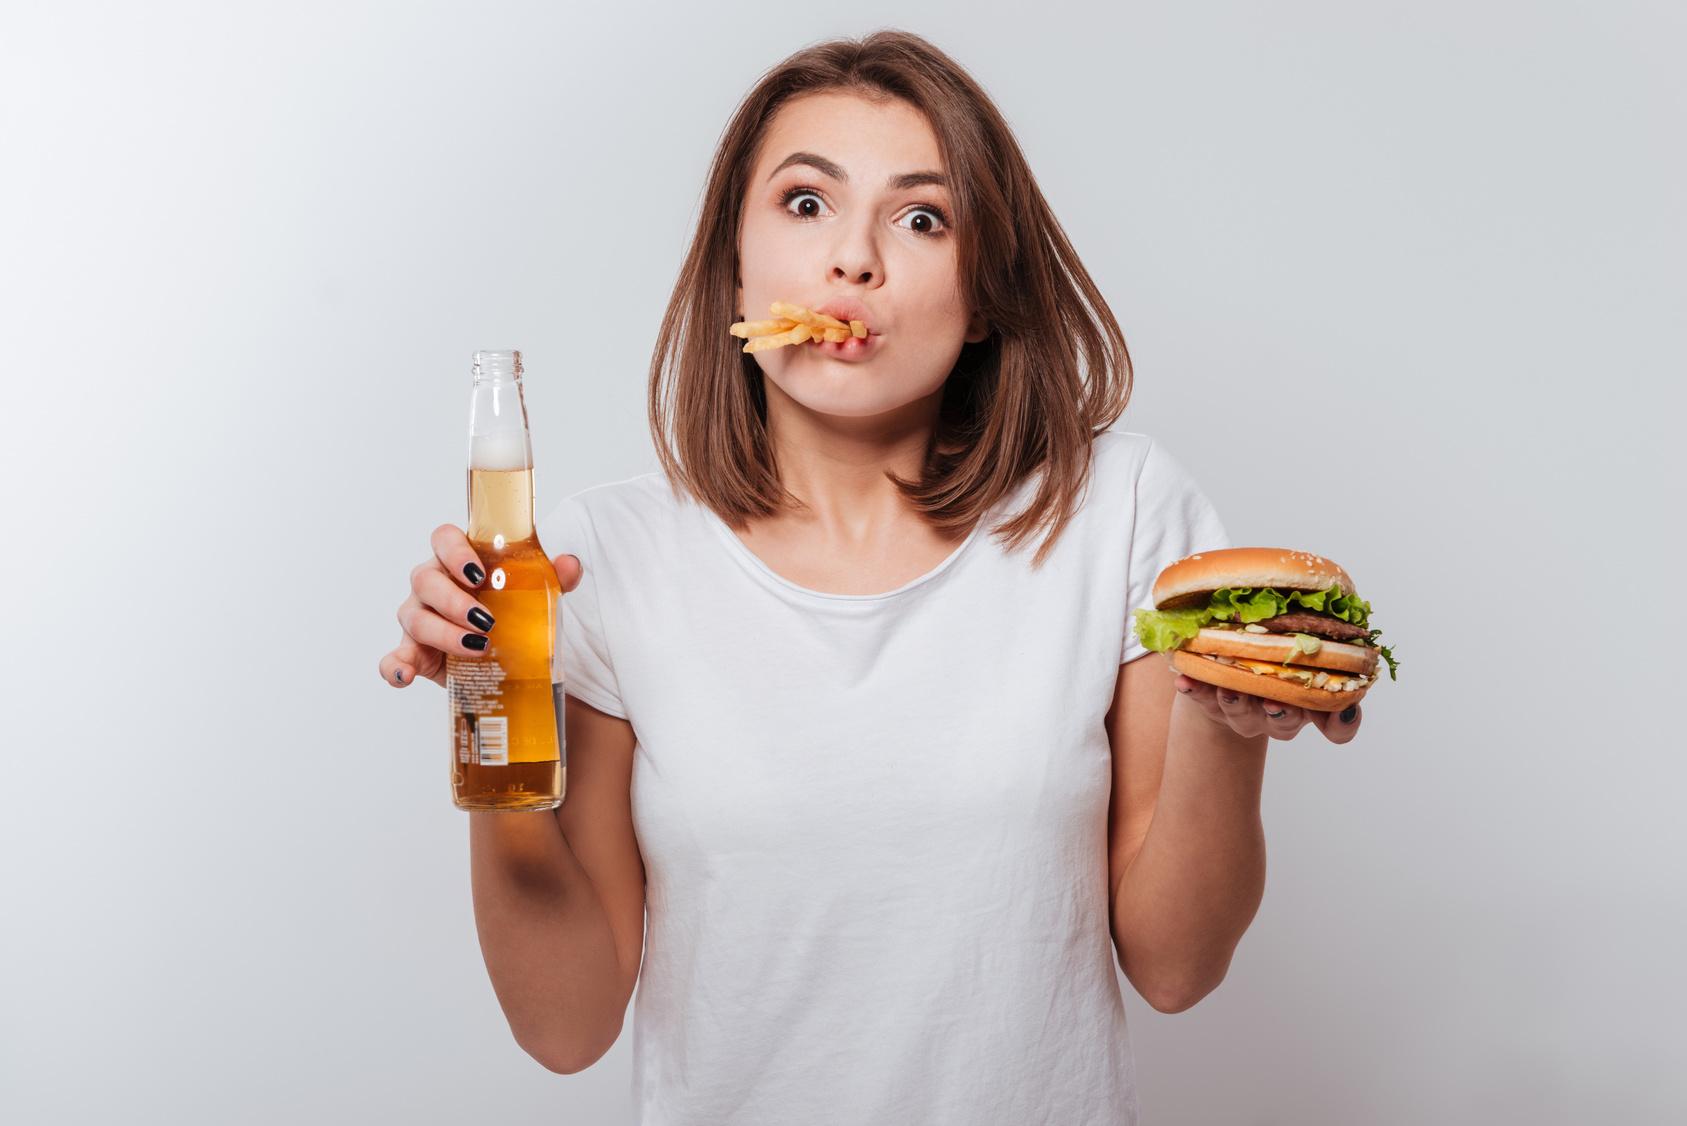 Похудела Отказавшись От Вредных Продуктов. 30 продуктов какие нужно исключить чтобы похудеть